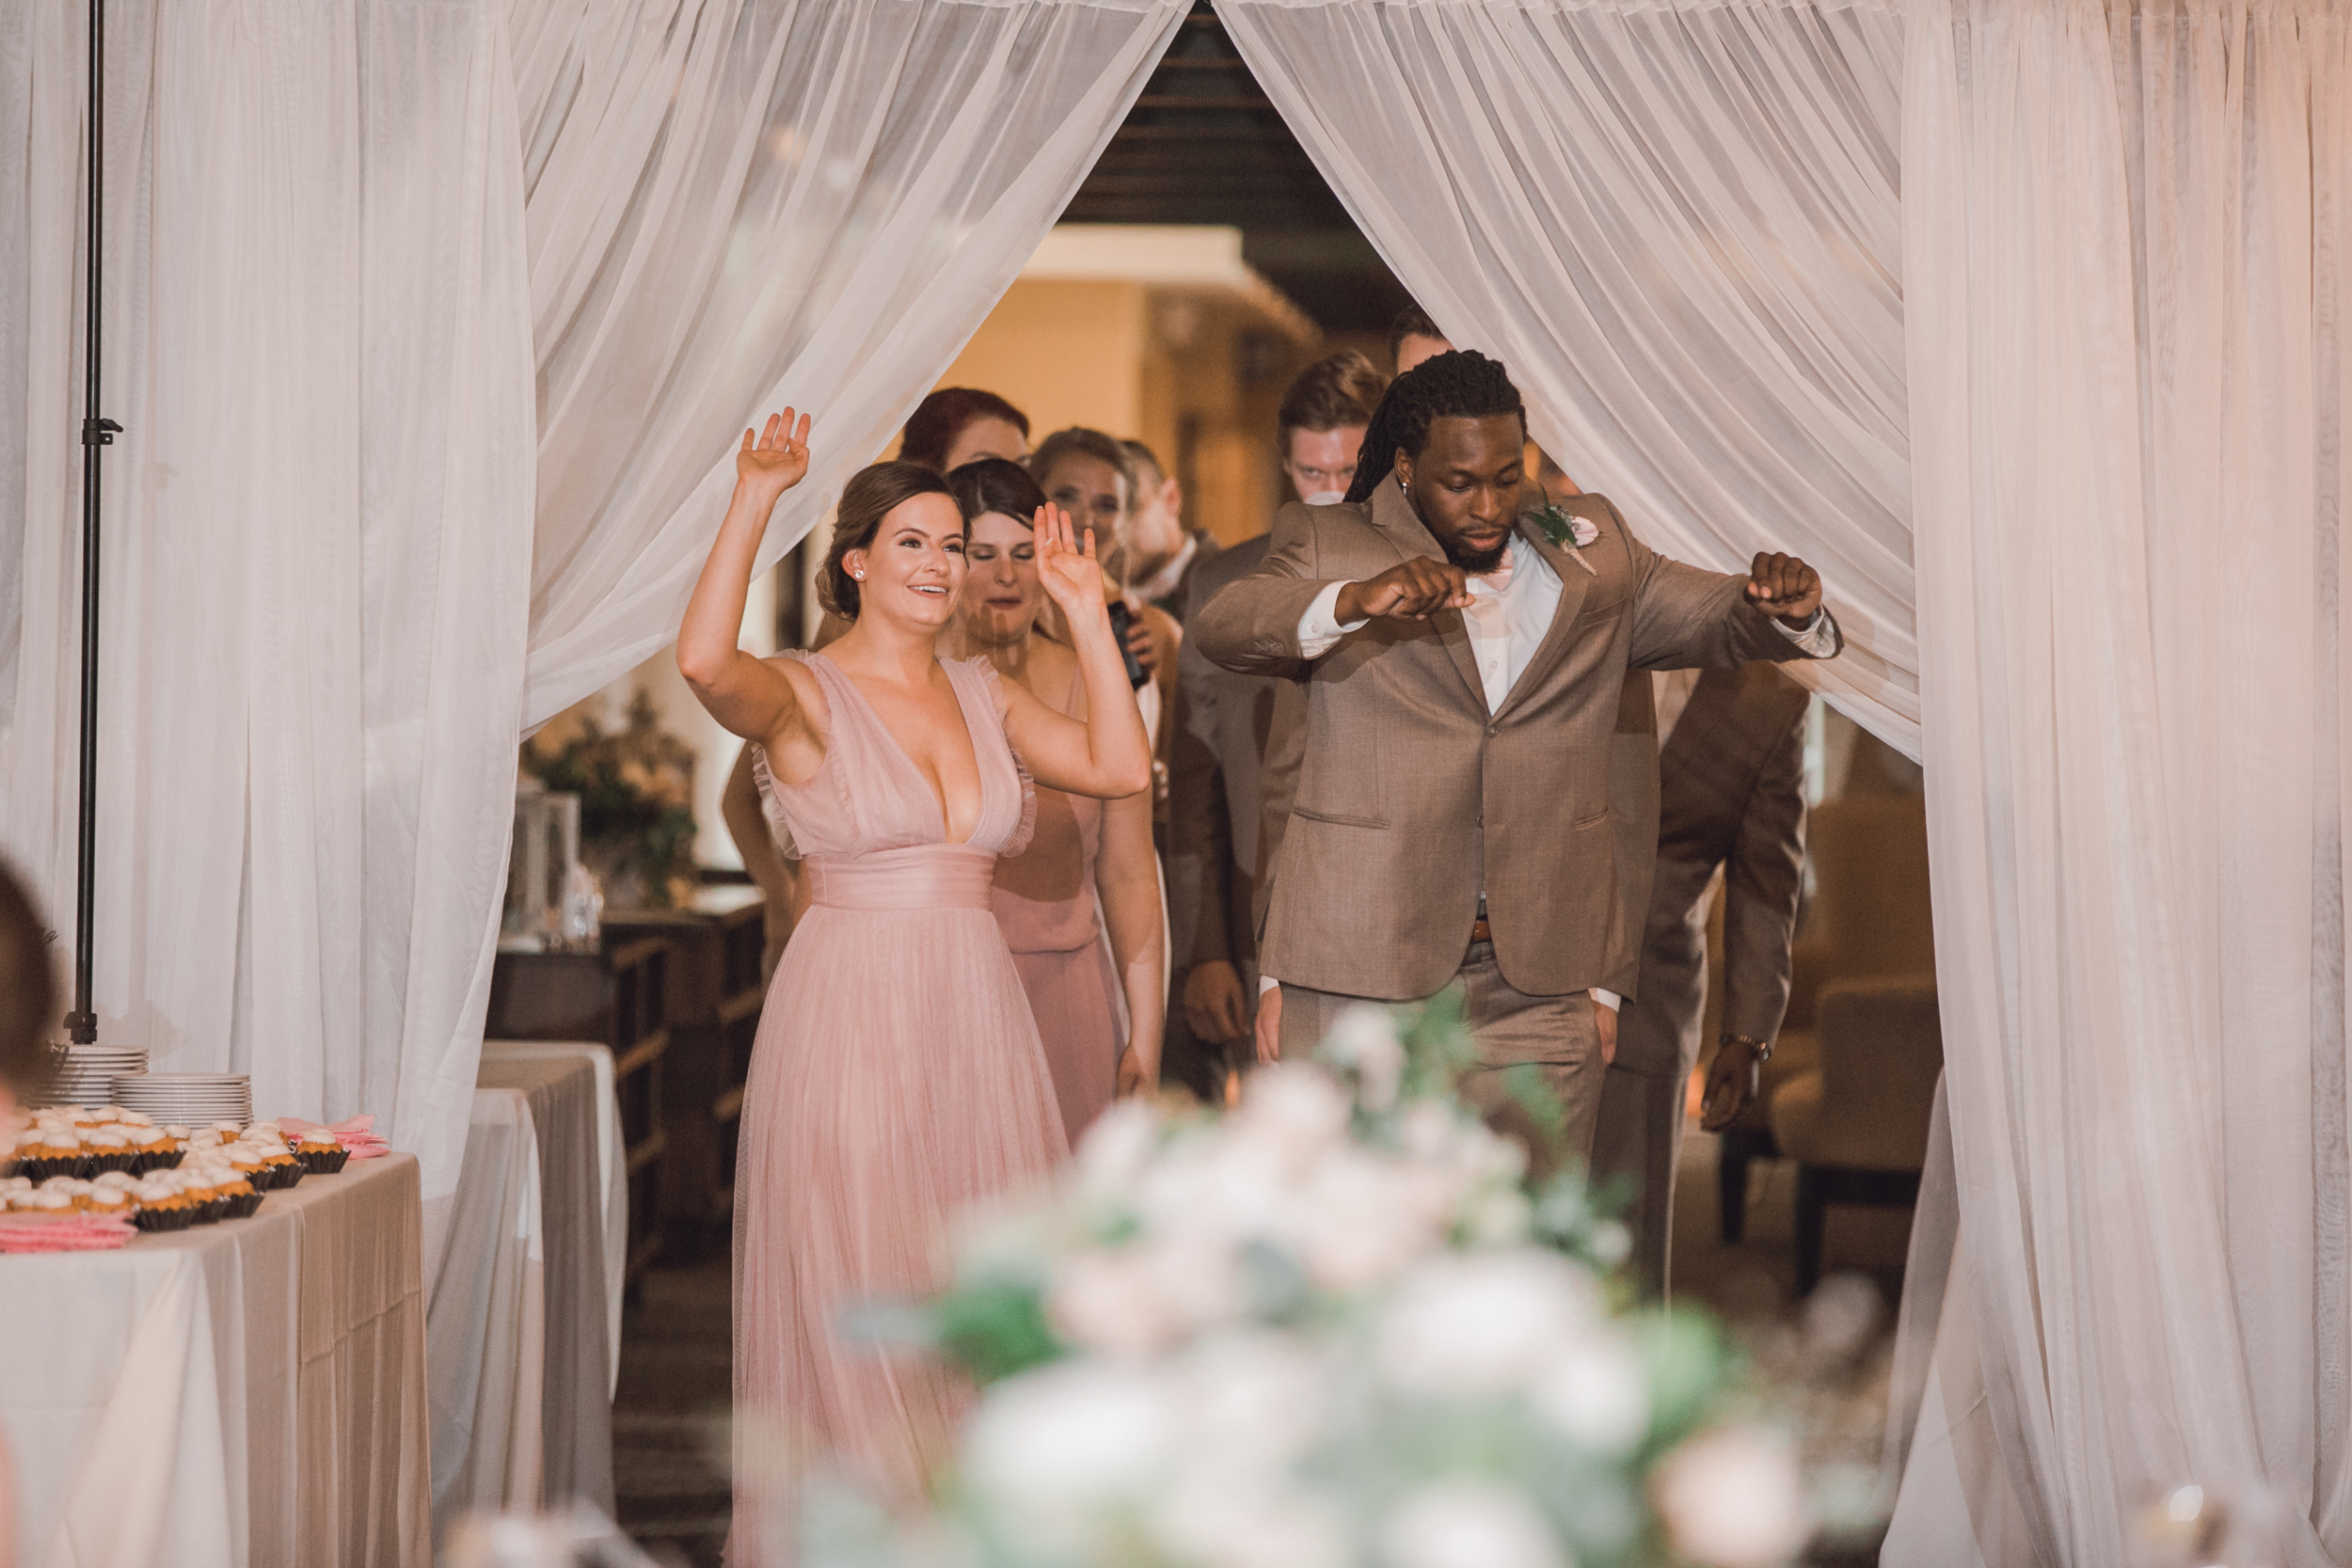 dellwood country club wedding*, Dellwood Country Club*, golf course wedding*, green golf course*, rose pink wedding details*-www.rachelsmak.com58.jpg